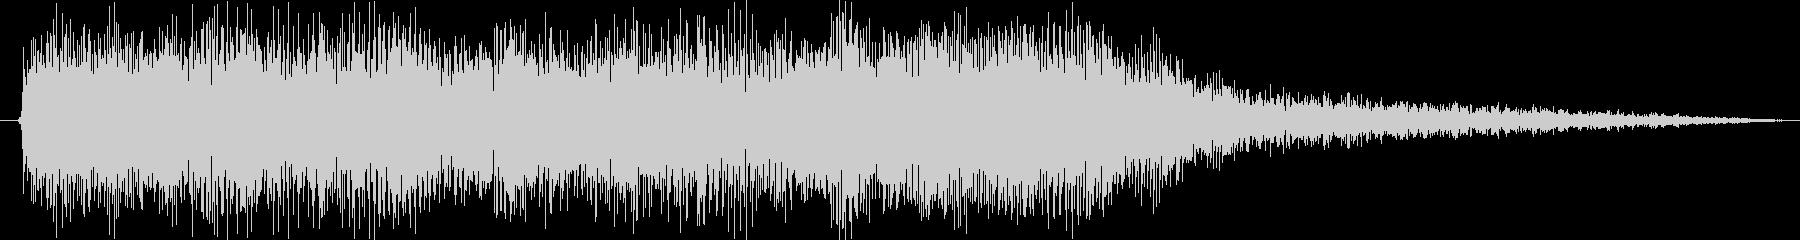 クラシックなイベントロスト曲2の未再生の波形